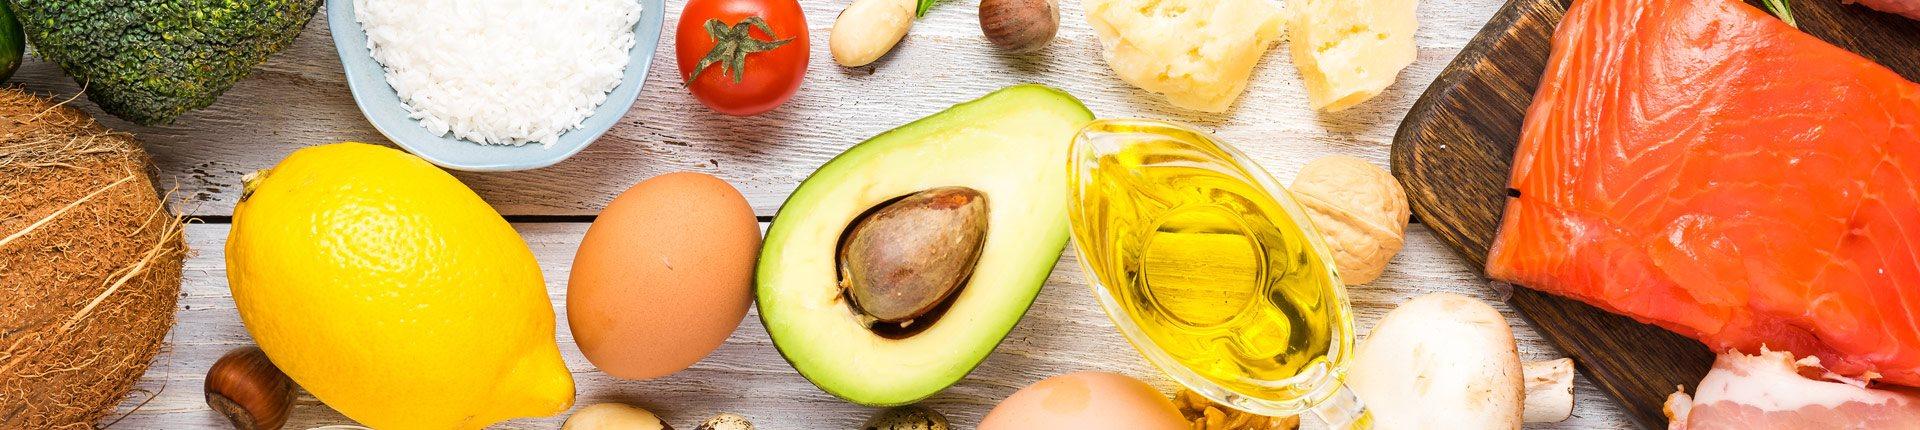 Potas zmniejsza szkodliwość diety ketogenicznej?